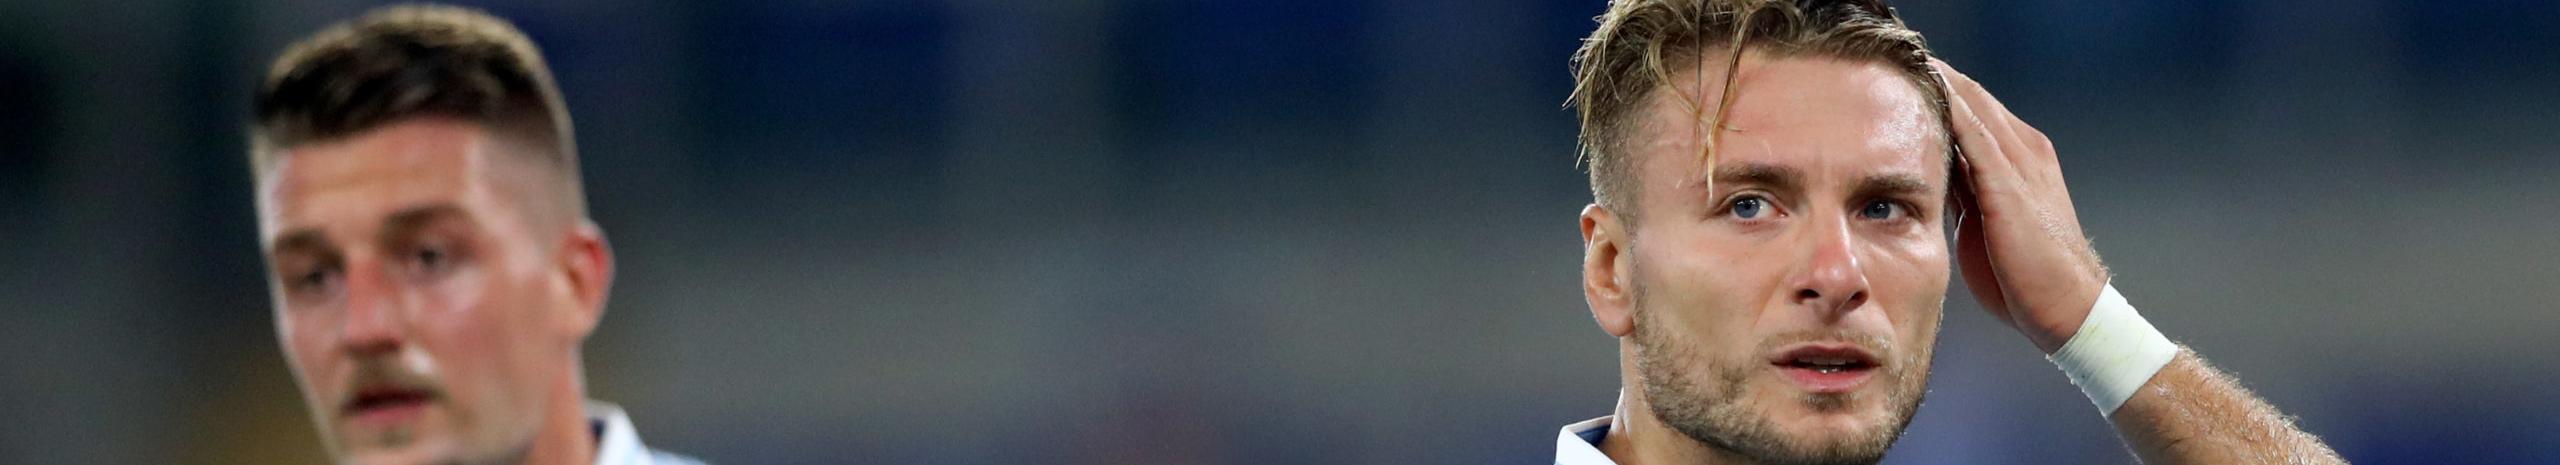 Pronostico Lazio-Inter: se Radu non ce la fa, Parolo centrale – le ultimissime